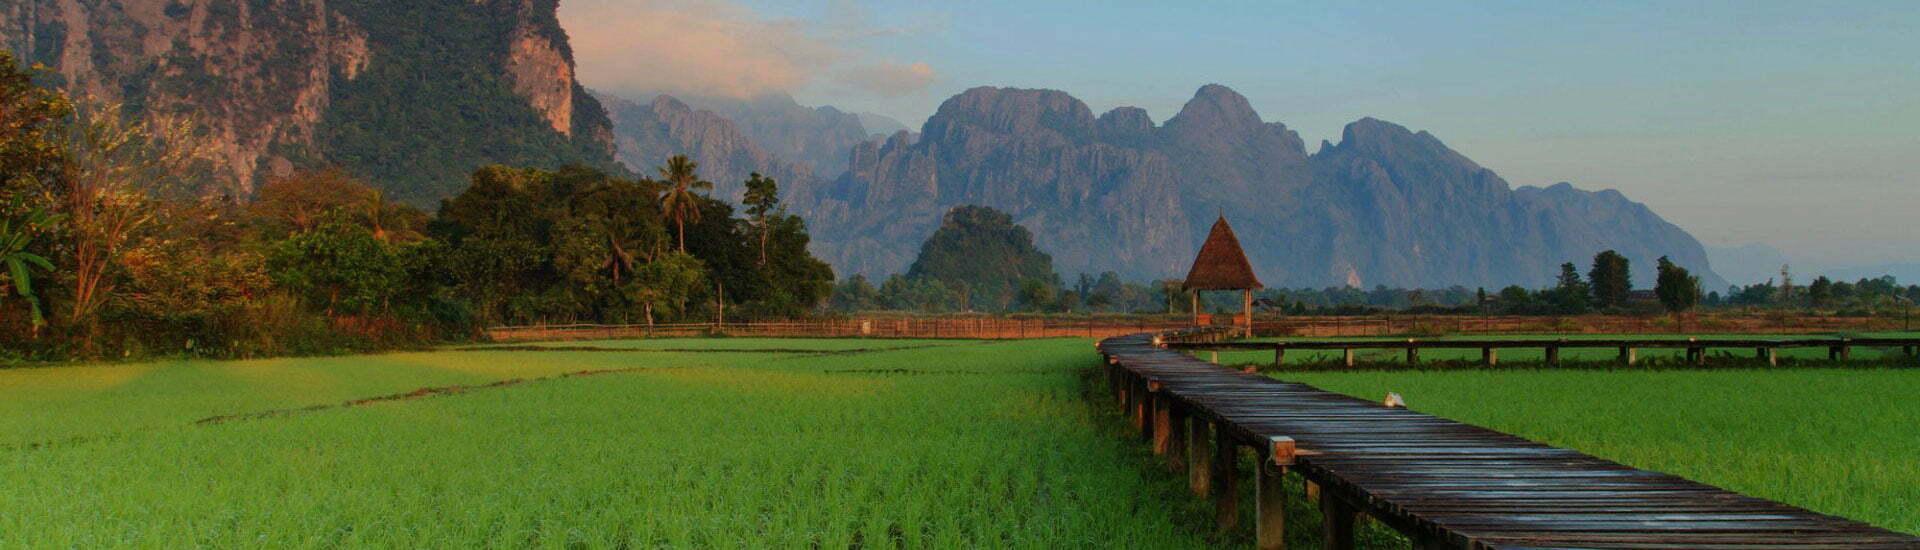 partir au vert laos - hors des sentiers battus laos